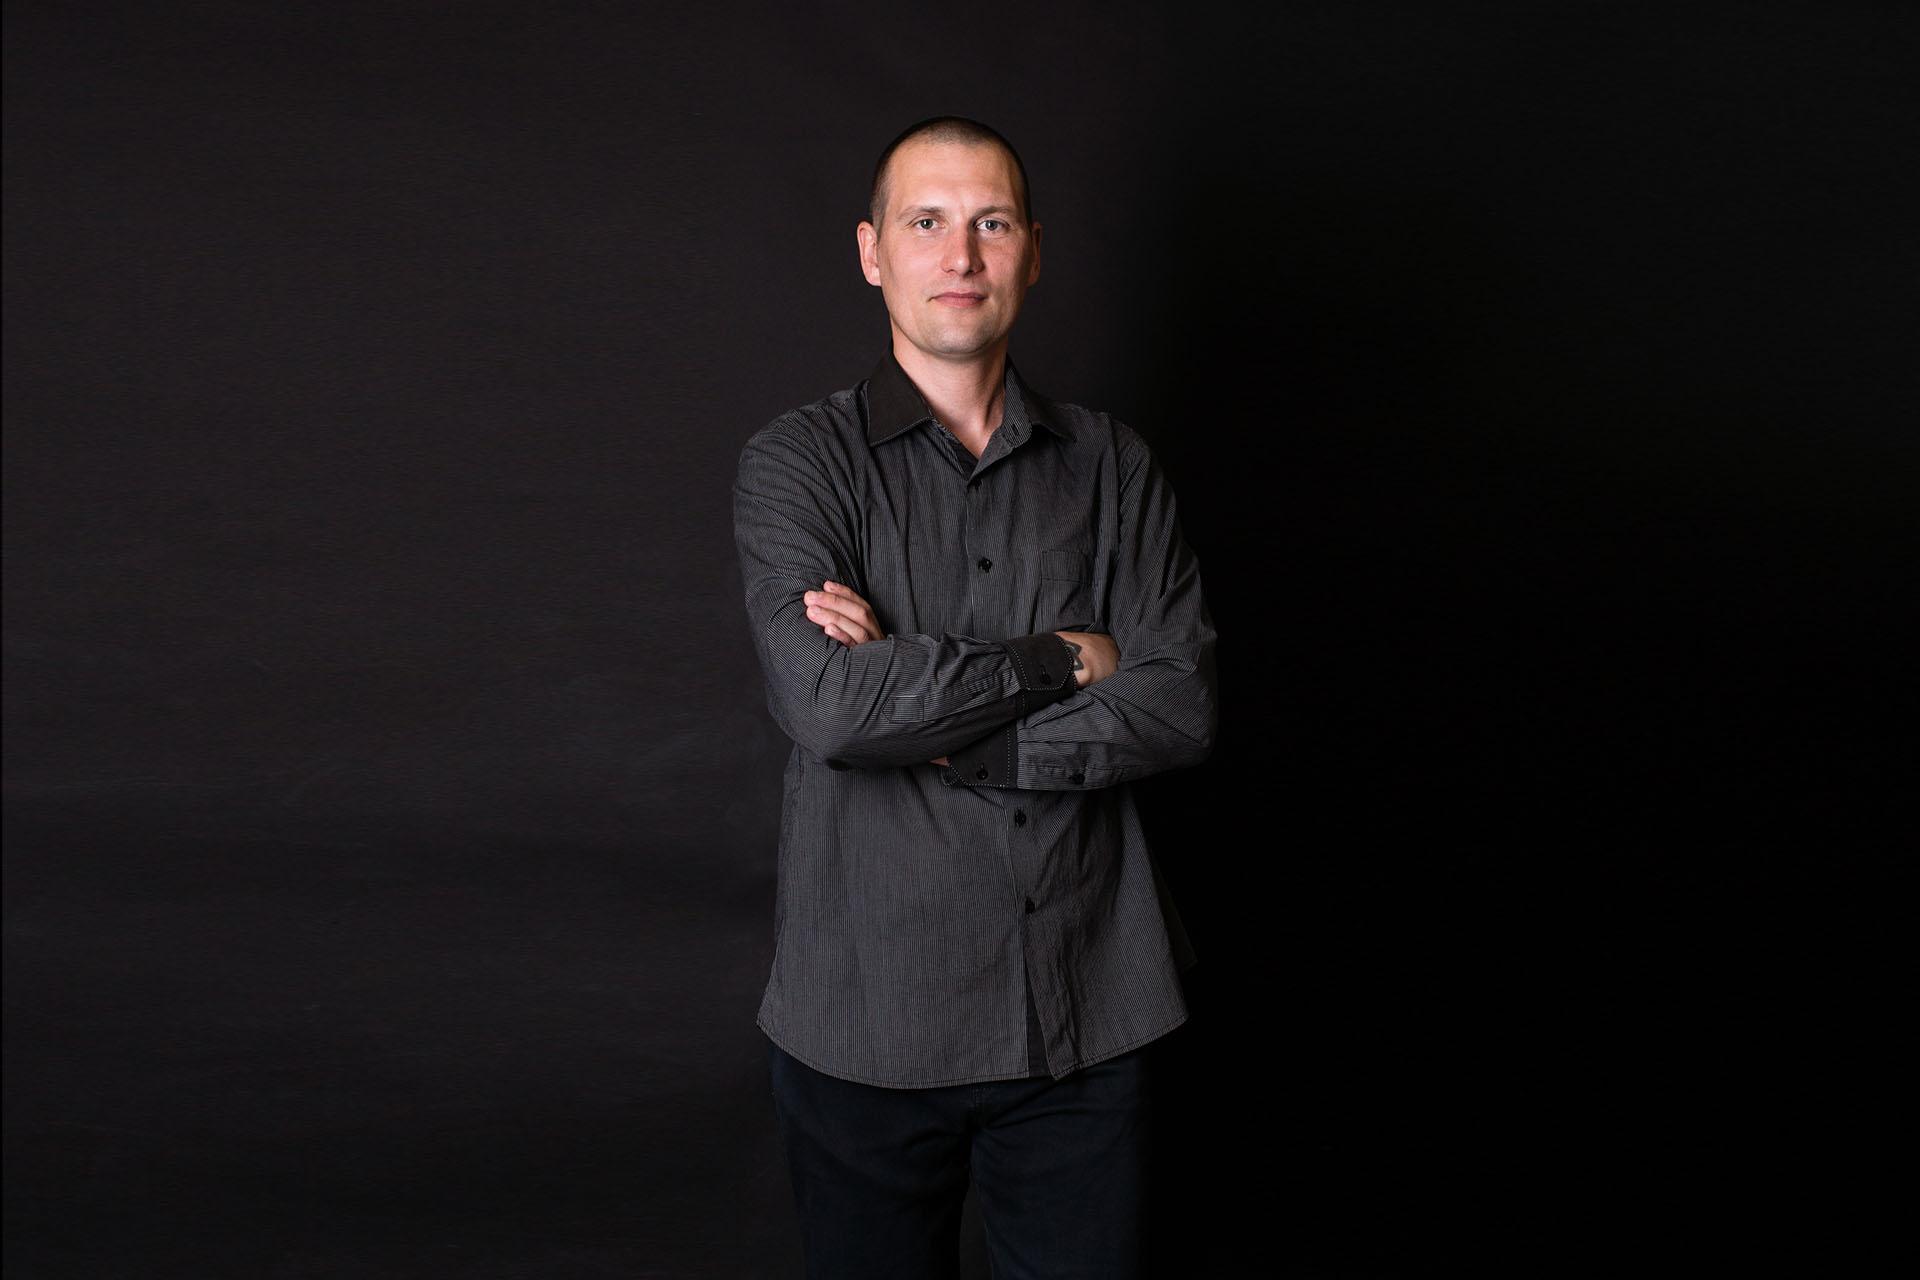 Александр Маторин, консультант по джйотиш, 10 лет изучения ведических знаний